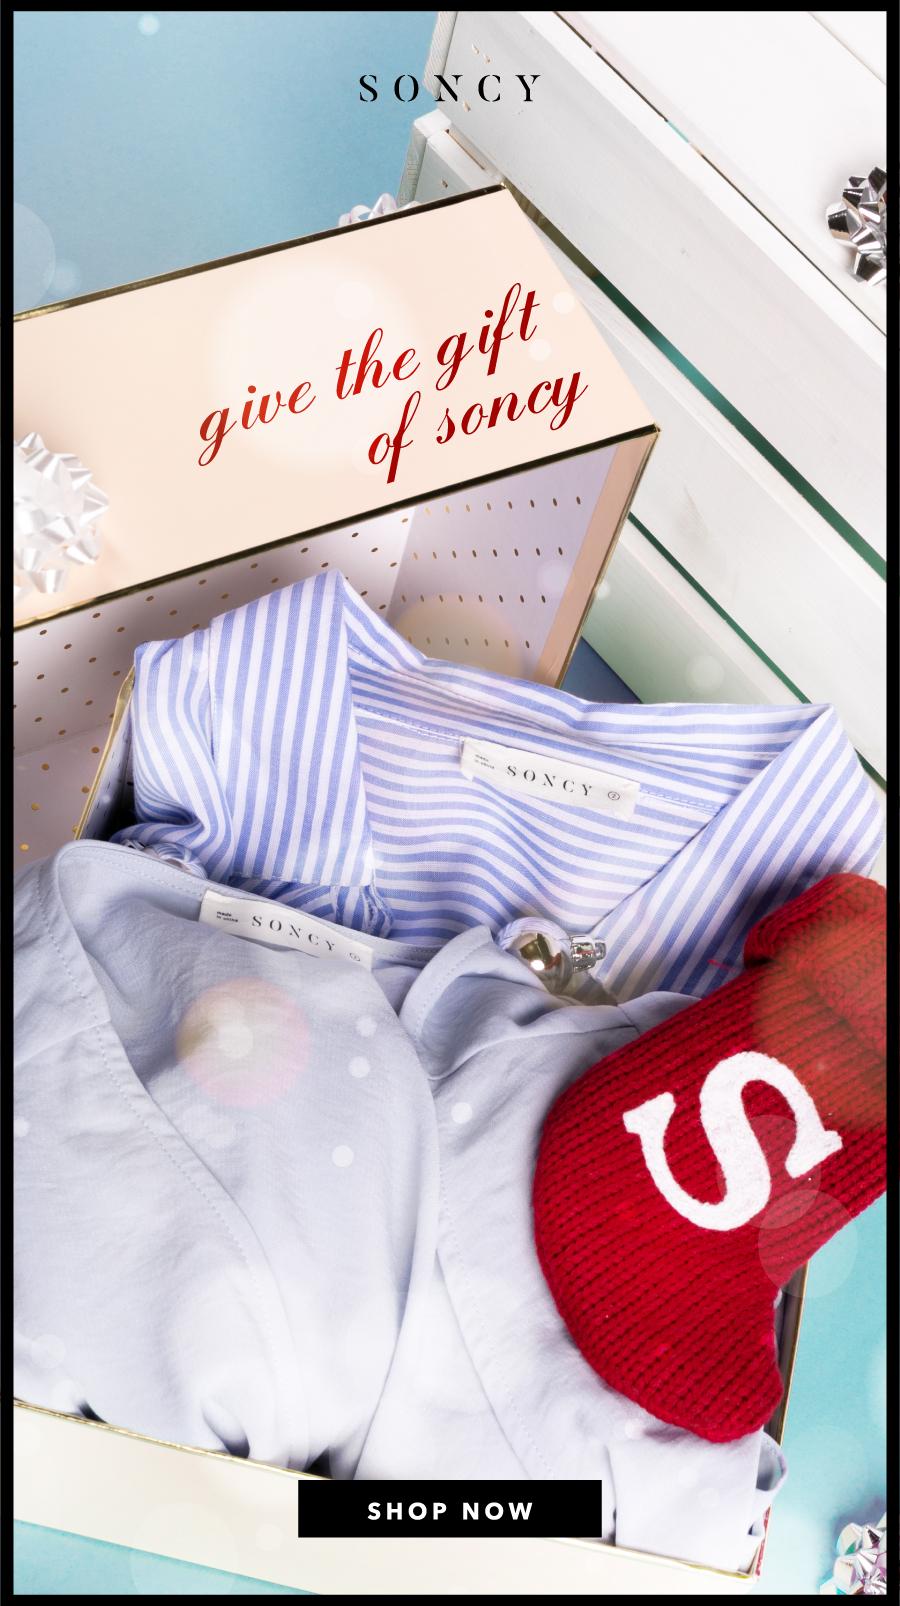 121018_Soncy_Gift.jpg